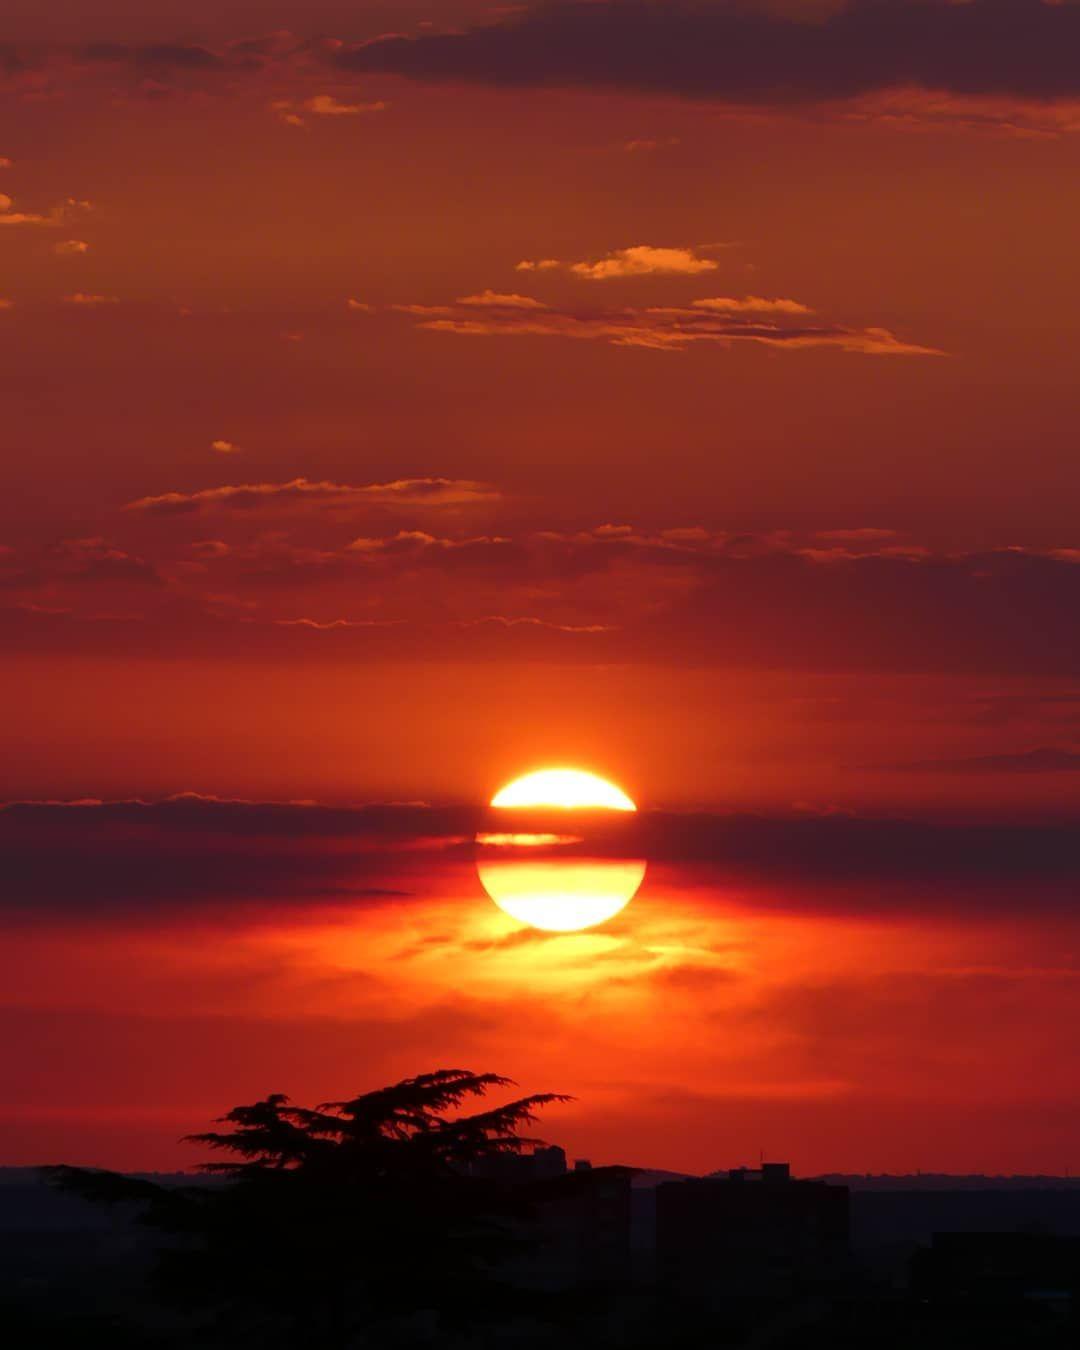 Coucher Du Soleil Toulouse : coucher, soleil, toulouse, Toulouse, L'avez, Peut-être, Passer, Story,, Coucher, Soleil, Savane, Africaine..., Pardon, Instagram,, Sunset,, Celestial